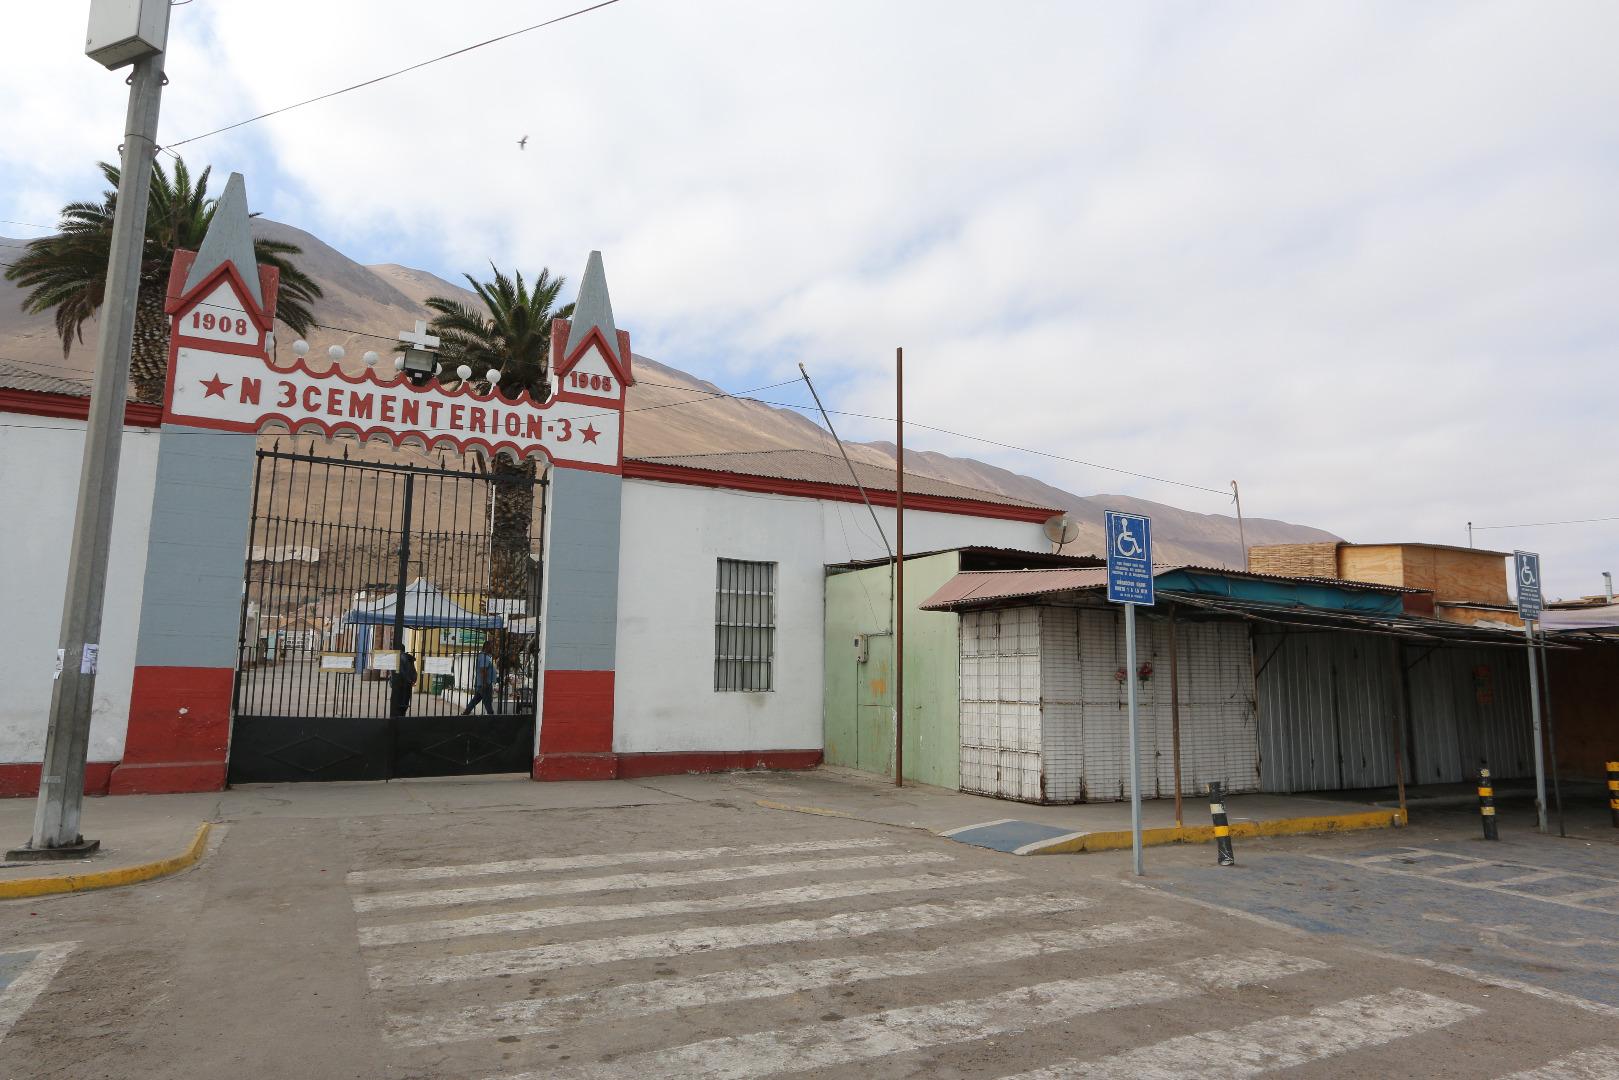 Cementerios N°1 y N°3 de Iquique abren sus puertas al público general durante fase de Transición